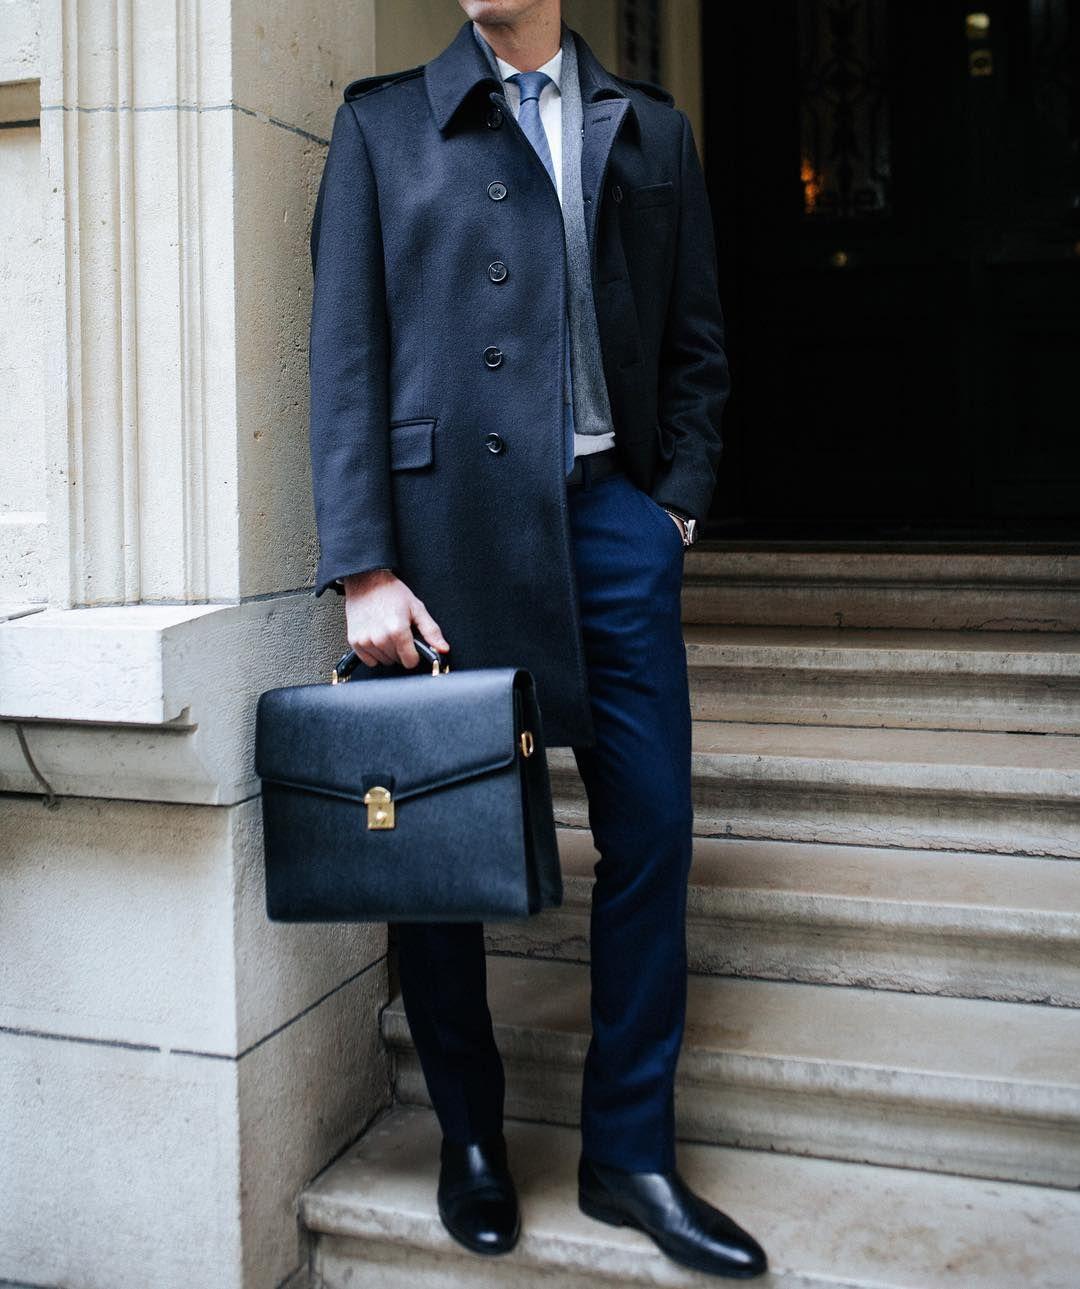 504d15409246 Aujourd hui mettez votre manteau et votre écharpe en cachemire  blandindelloye.com Pantalons, chemise et cravate sur mesure Blandin    Delloye Chaussures ...